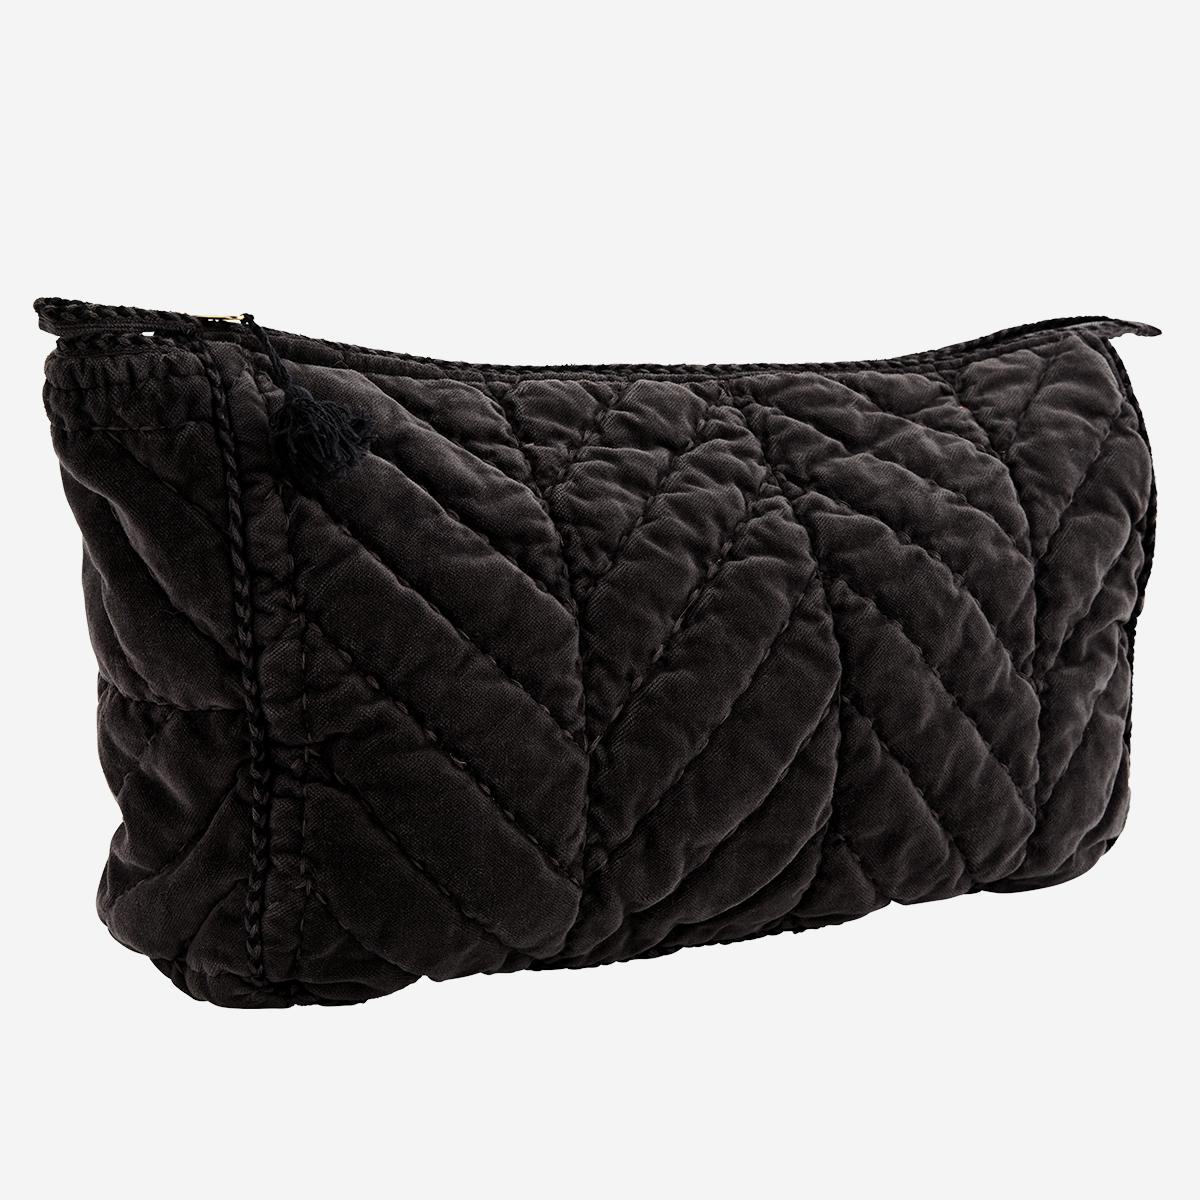 Charcoal Black Velvet Wash Bag